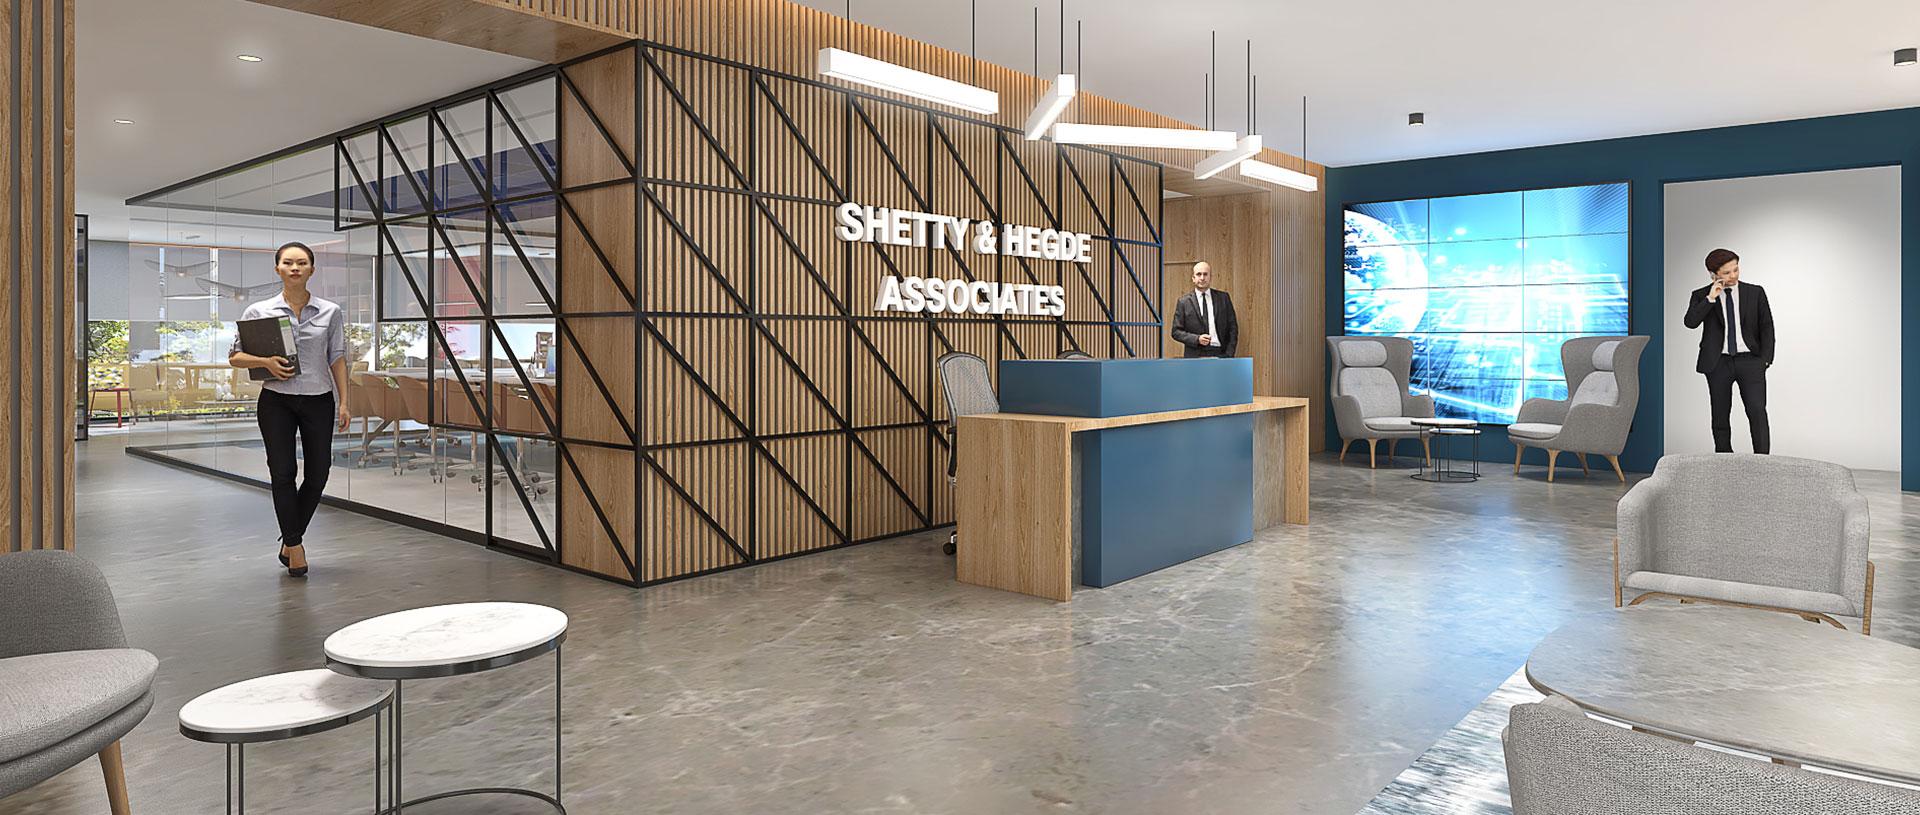 Hegde Associates Office